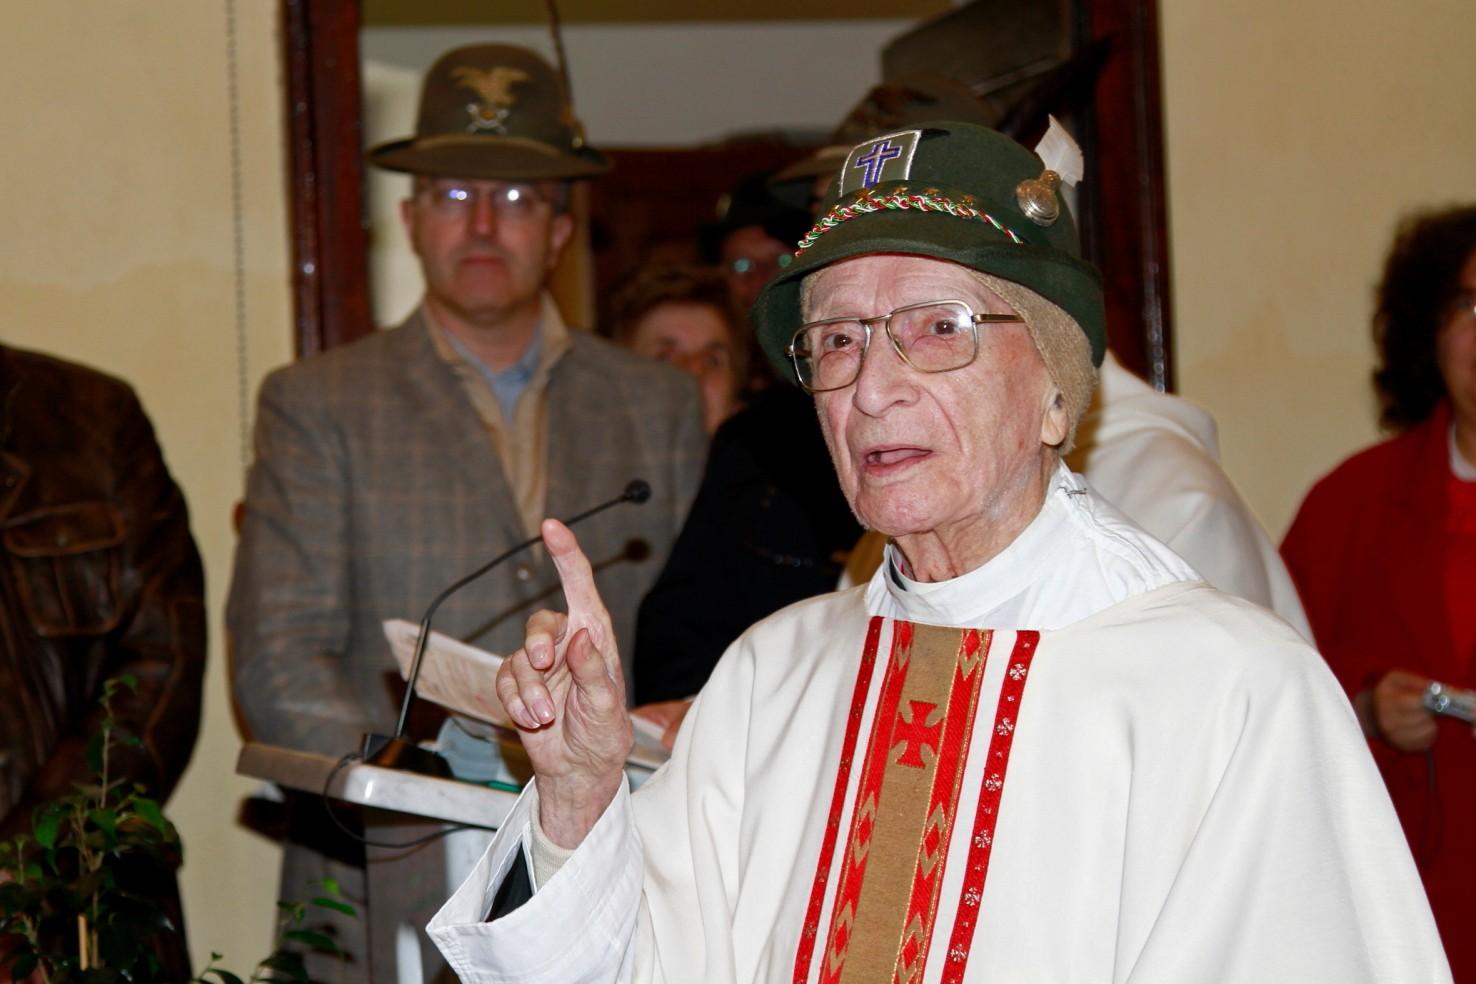 Monsignore Italo Ruffino